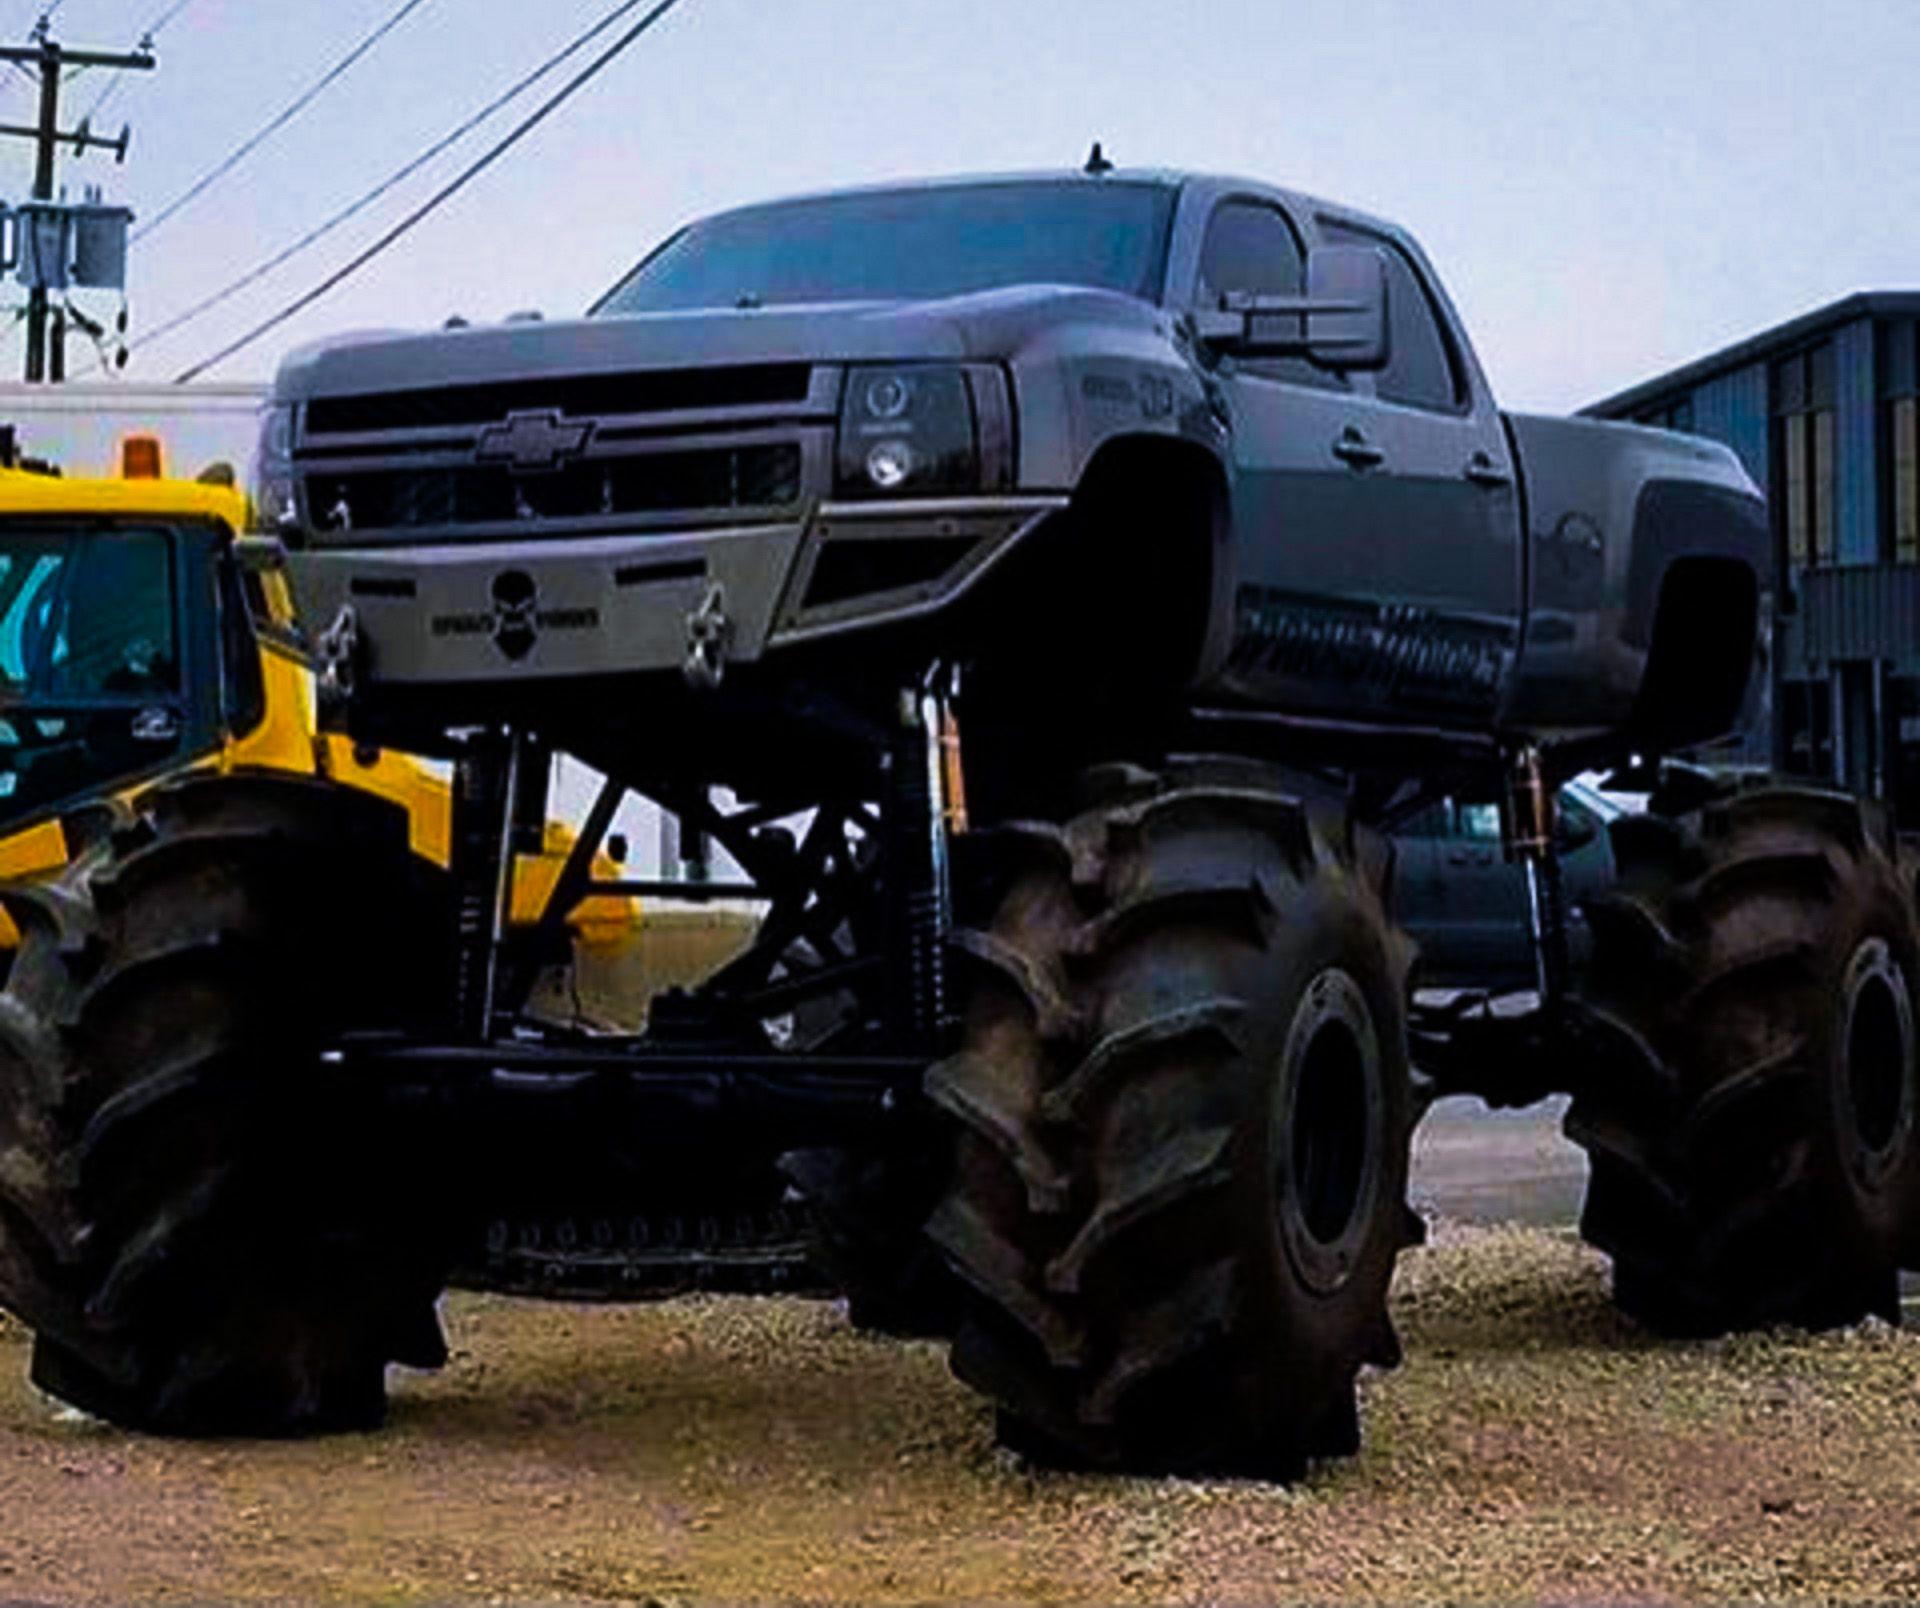 Chevrolet silverado monster pick up truck http chevrolet com